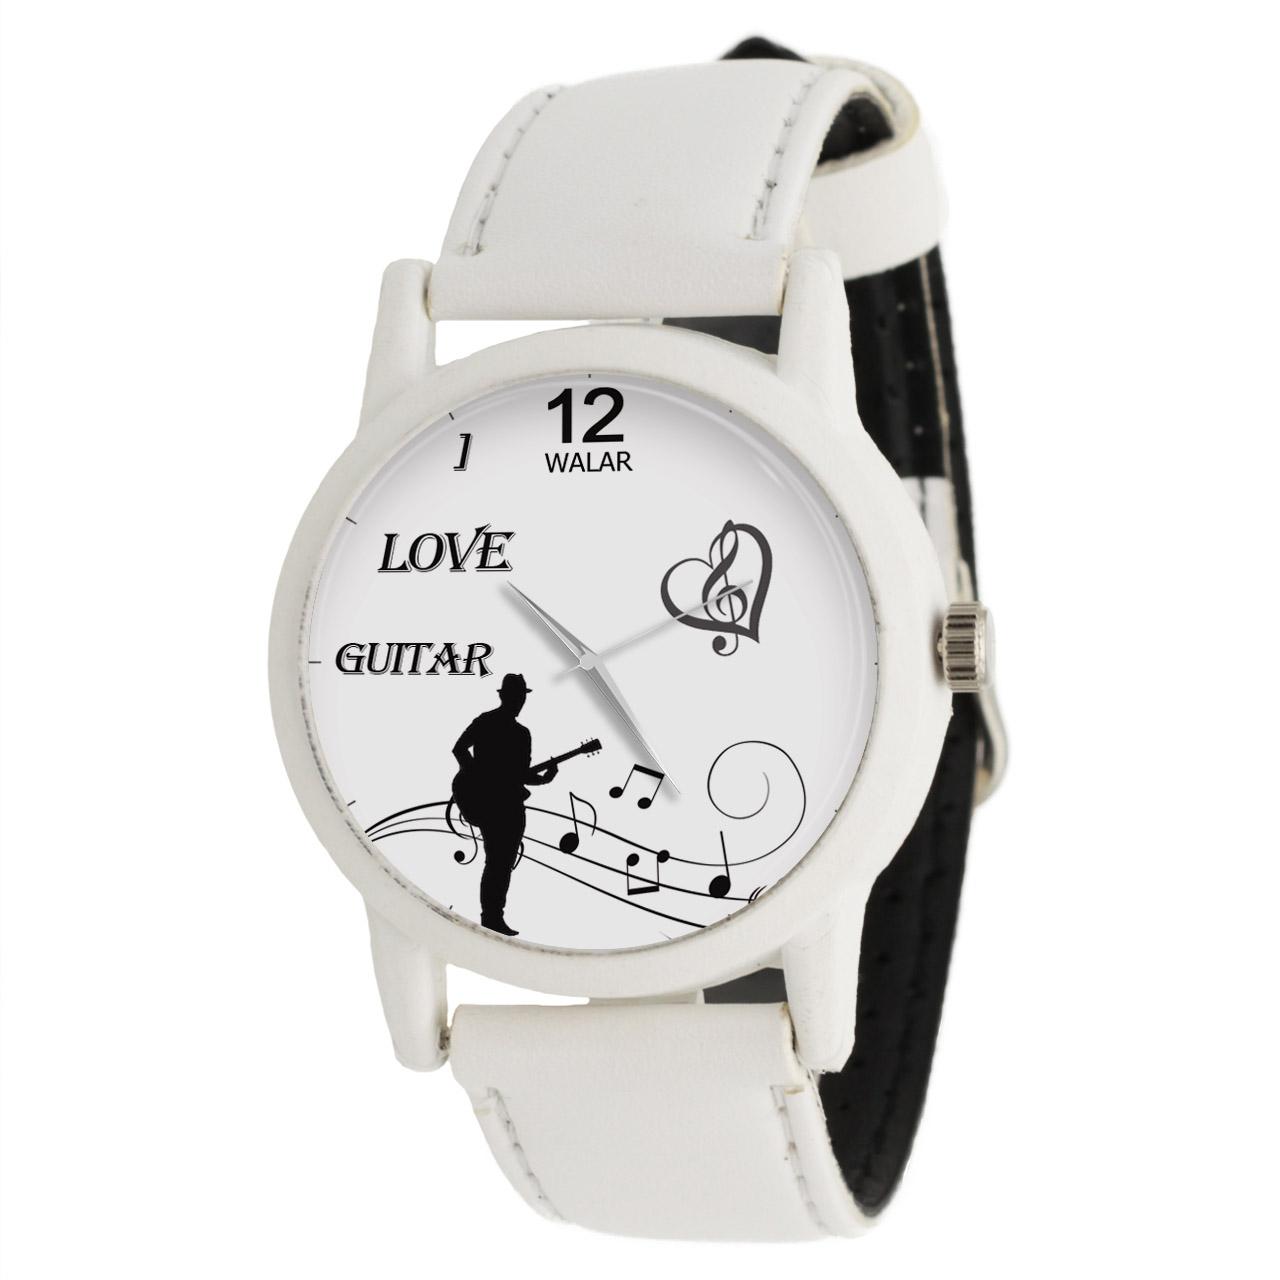 ساعت مچی عقربه ای والار طرح گیتار کد LF1653